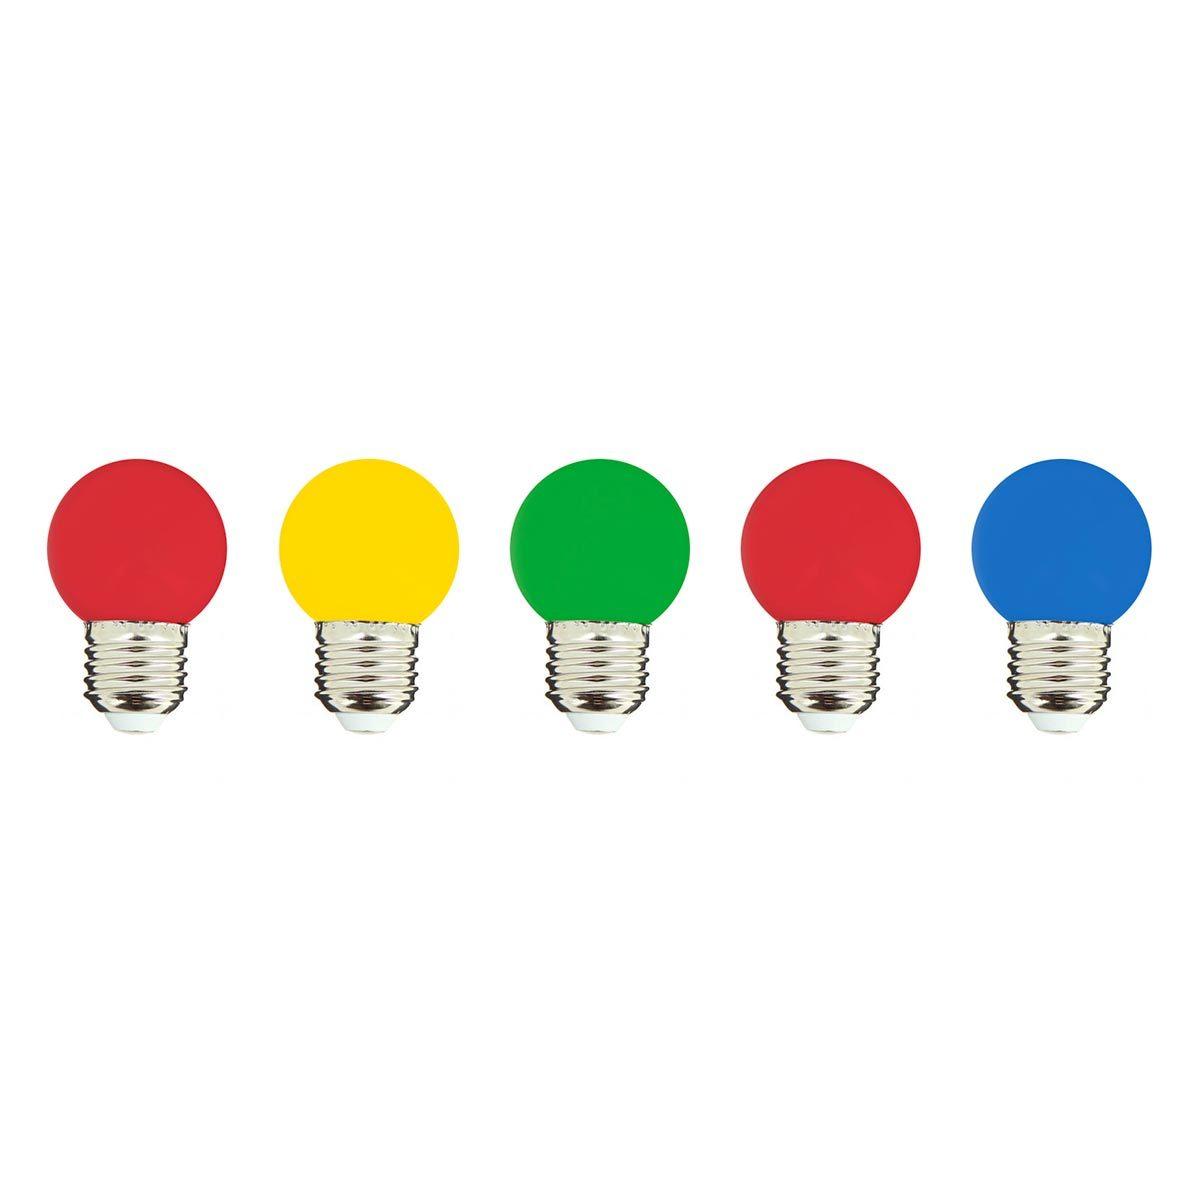 PARTY BULB COLOR-Lot de 5 ampoules LED plastique multicolore H7cm